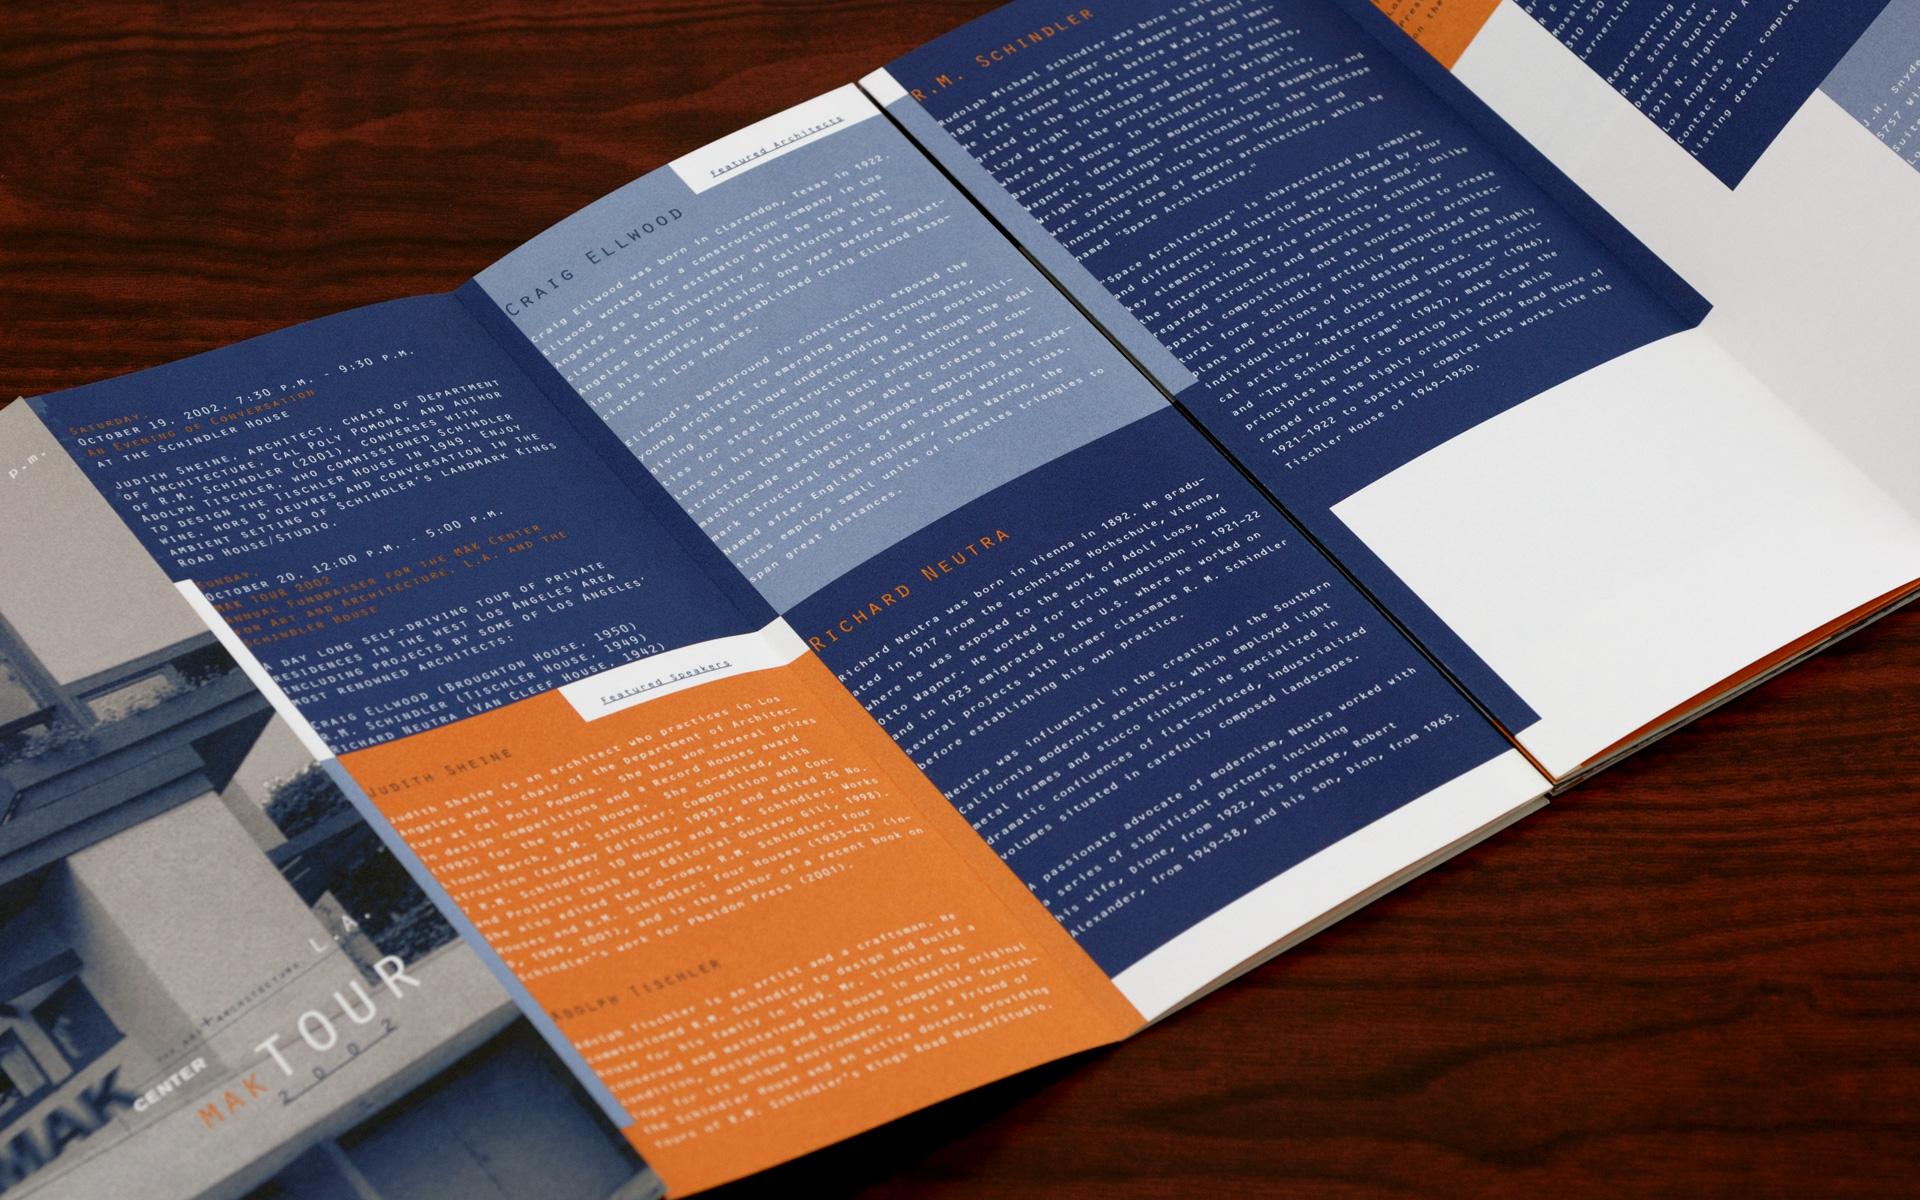 MAK_Center_Brochure_06